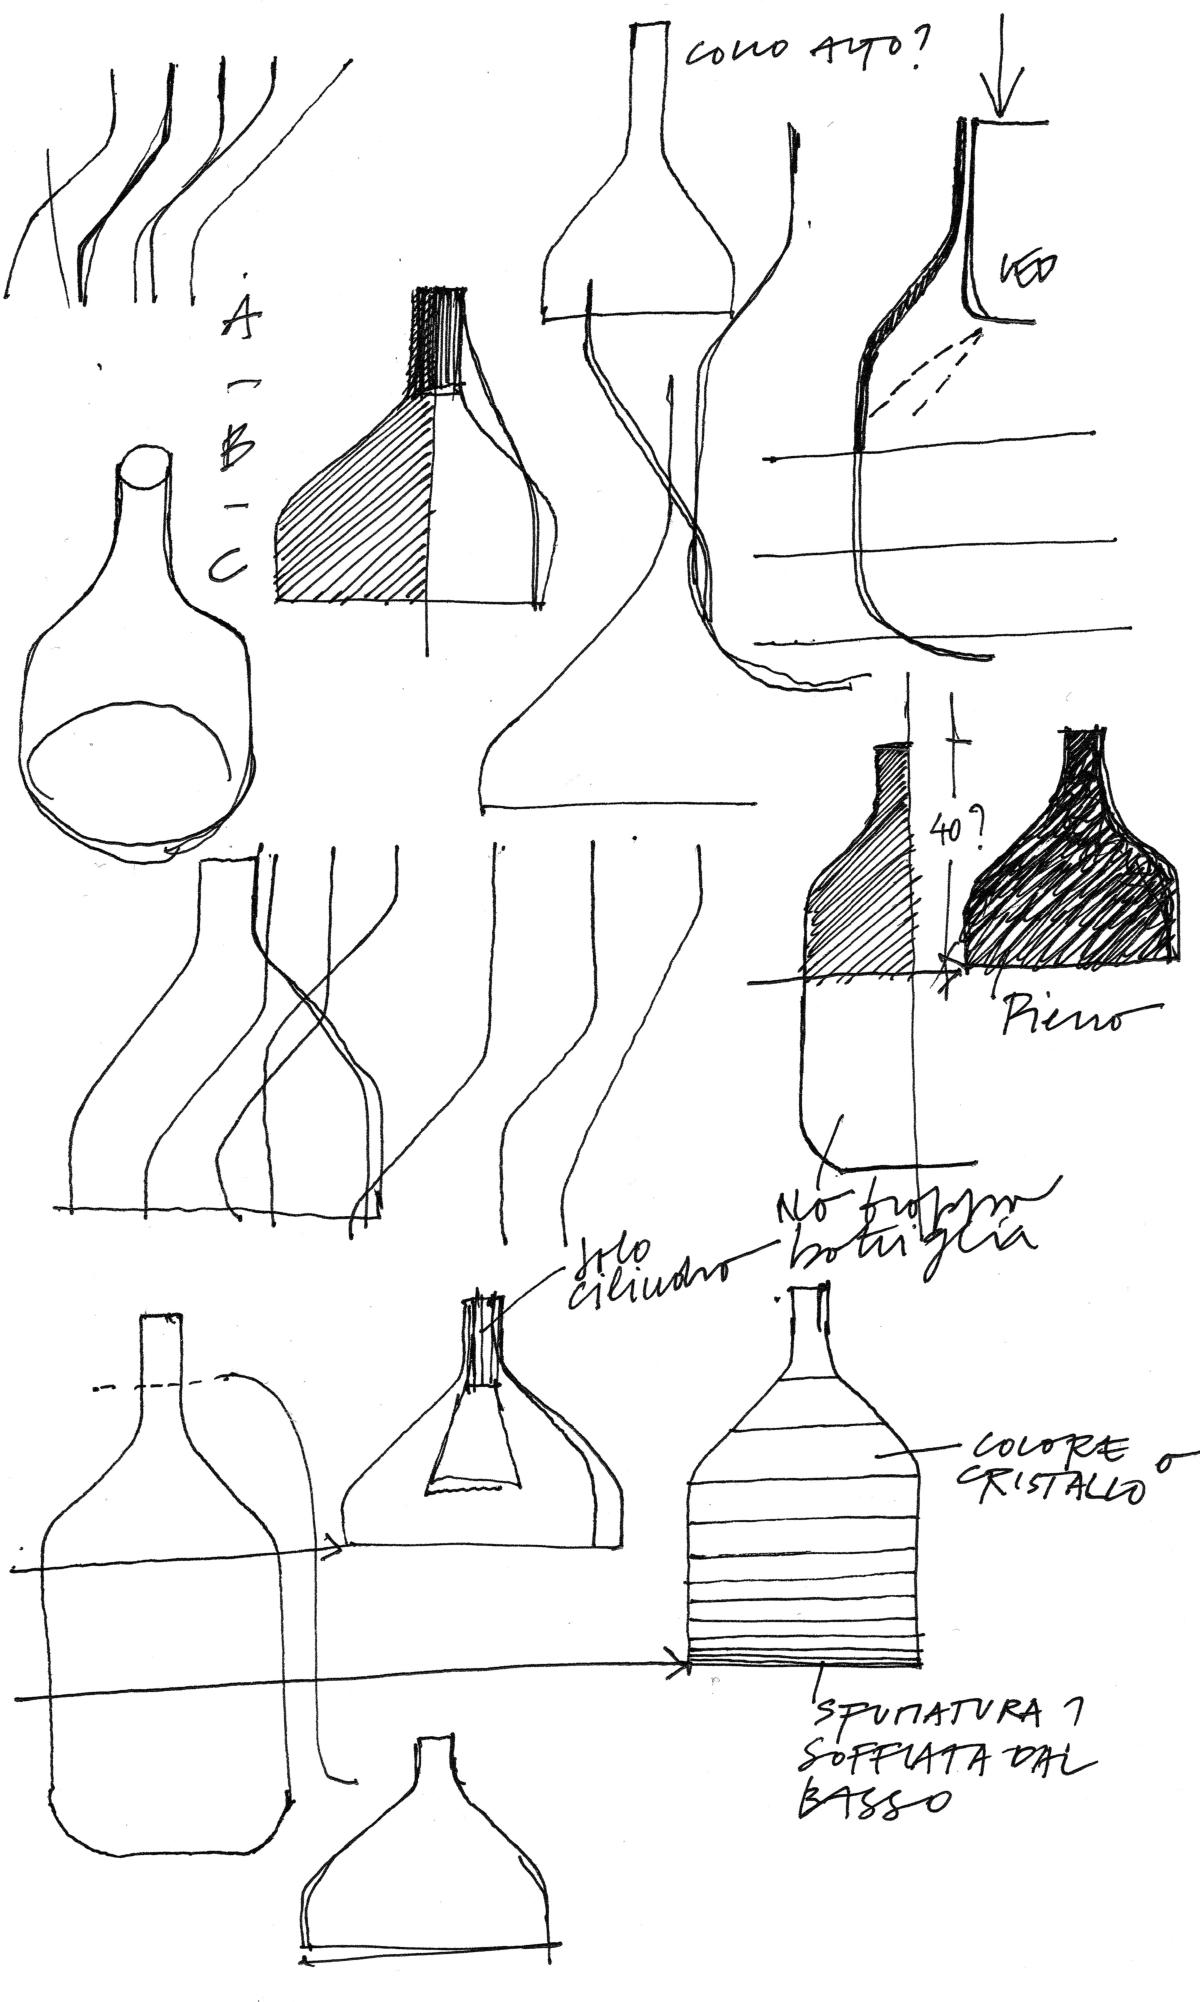 CAIIGO lanp Sispansyon sketch_2